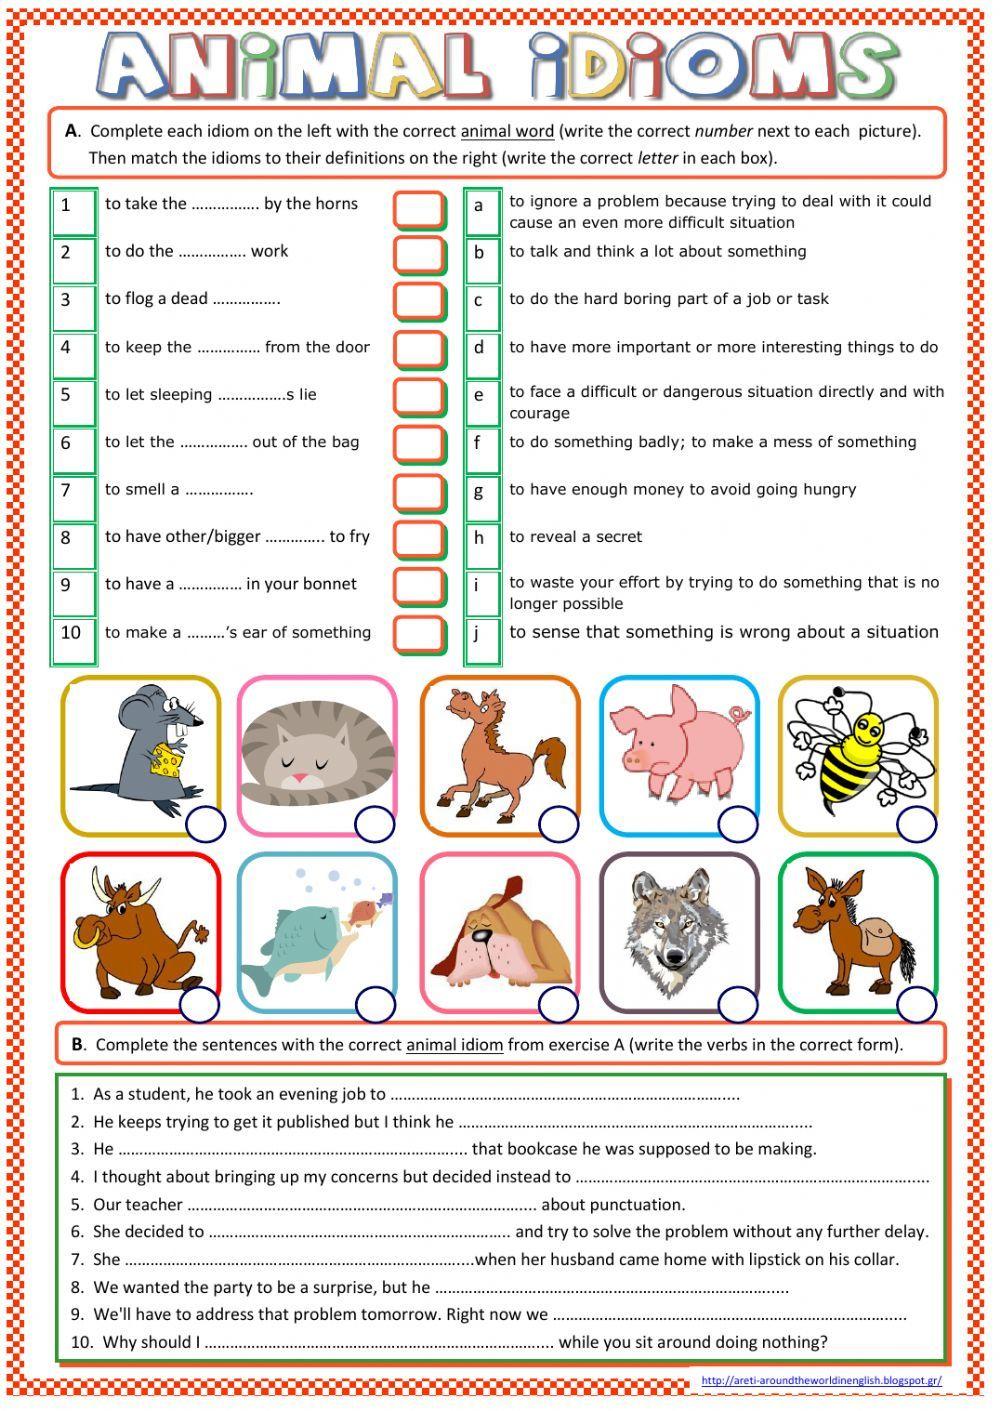 Animal Idioms - Interactive worksheet   Hojas de ejercicios para niños [ 1411 x 1000 Pixel ]